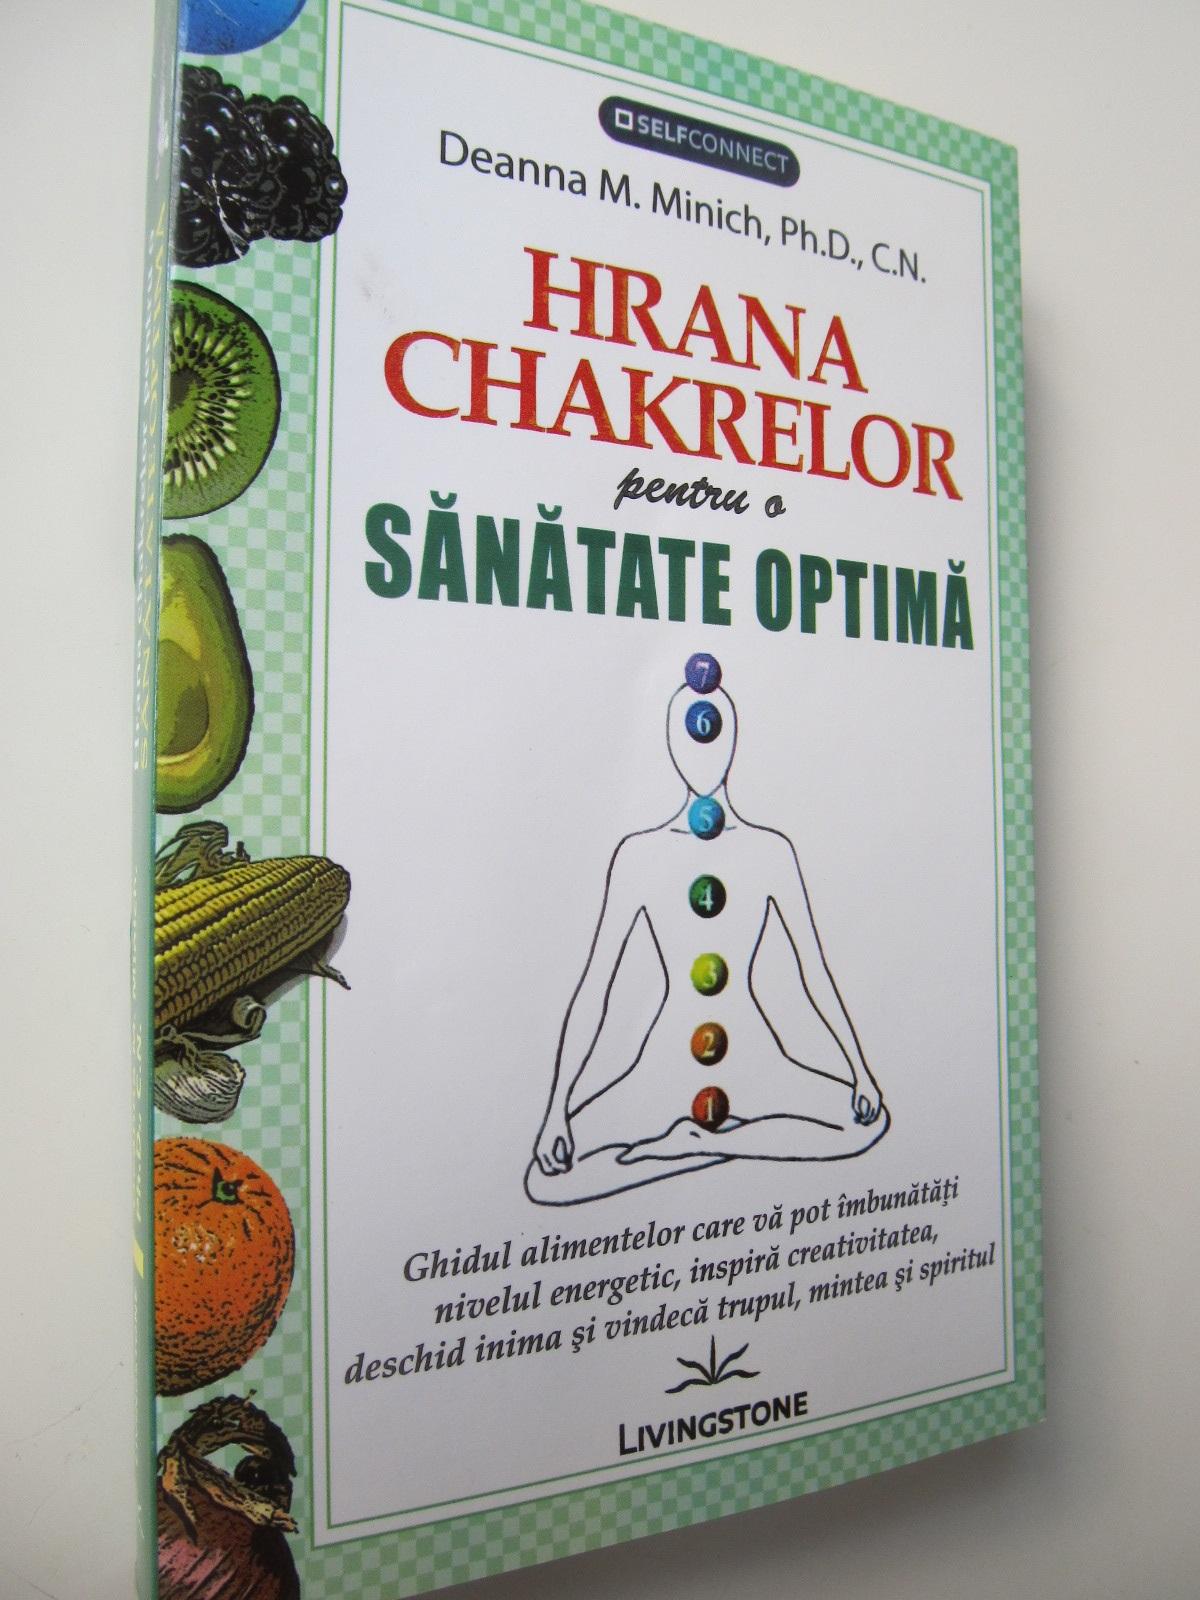 Carte Hrana Chakrelor pentru o sanatate optima - Deanna M. Minich